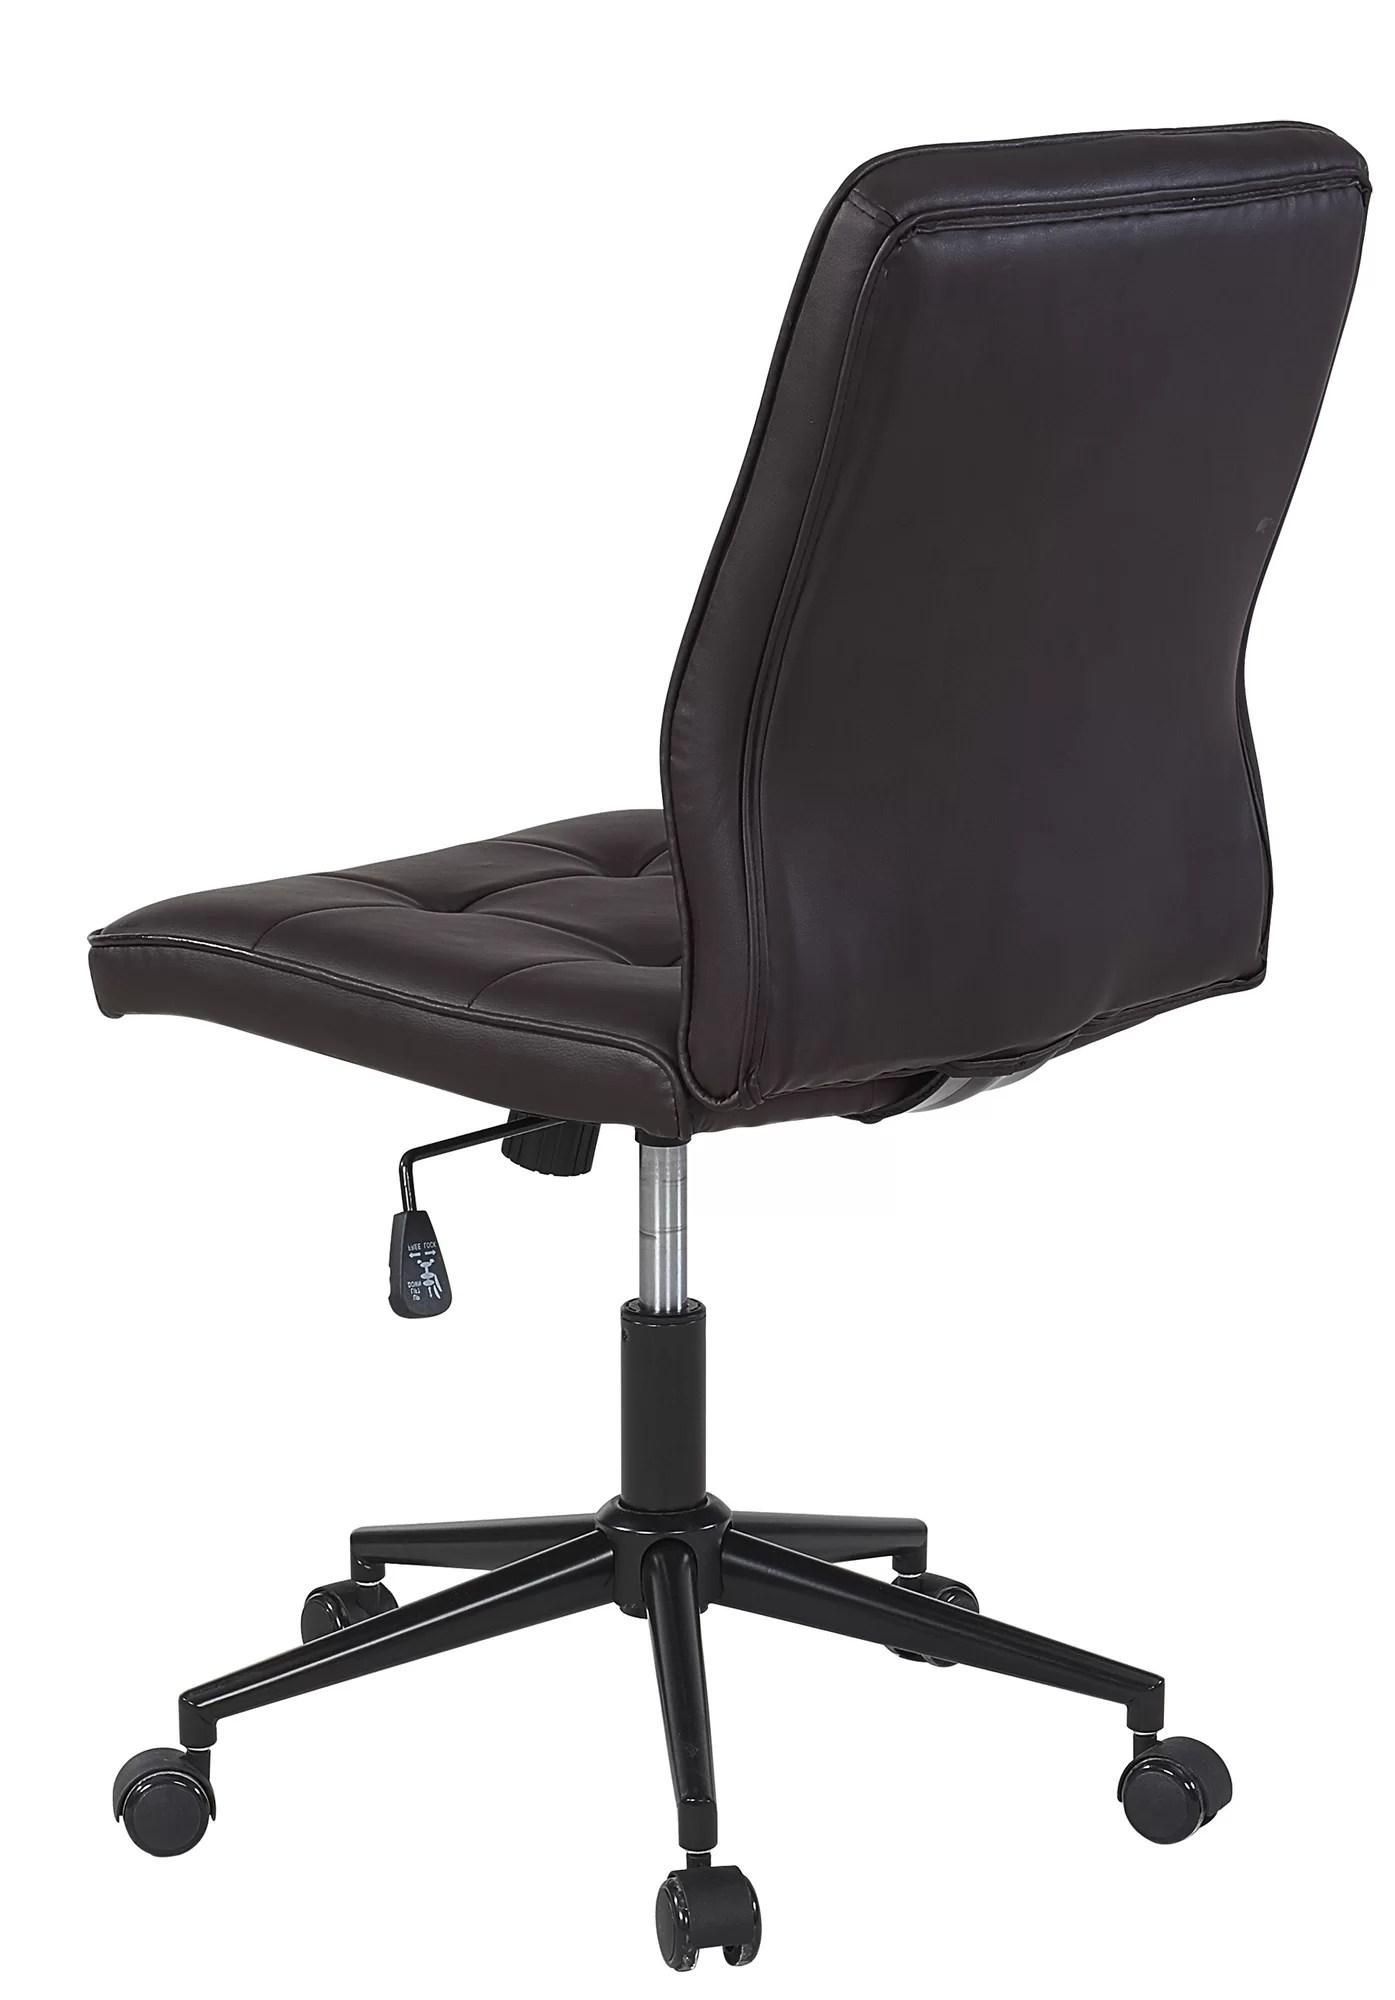 hight resolution of orren ellis shufelt tufted office chair thumbnail 8